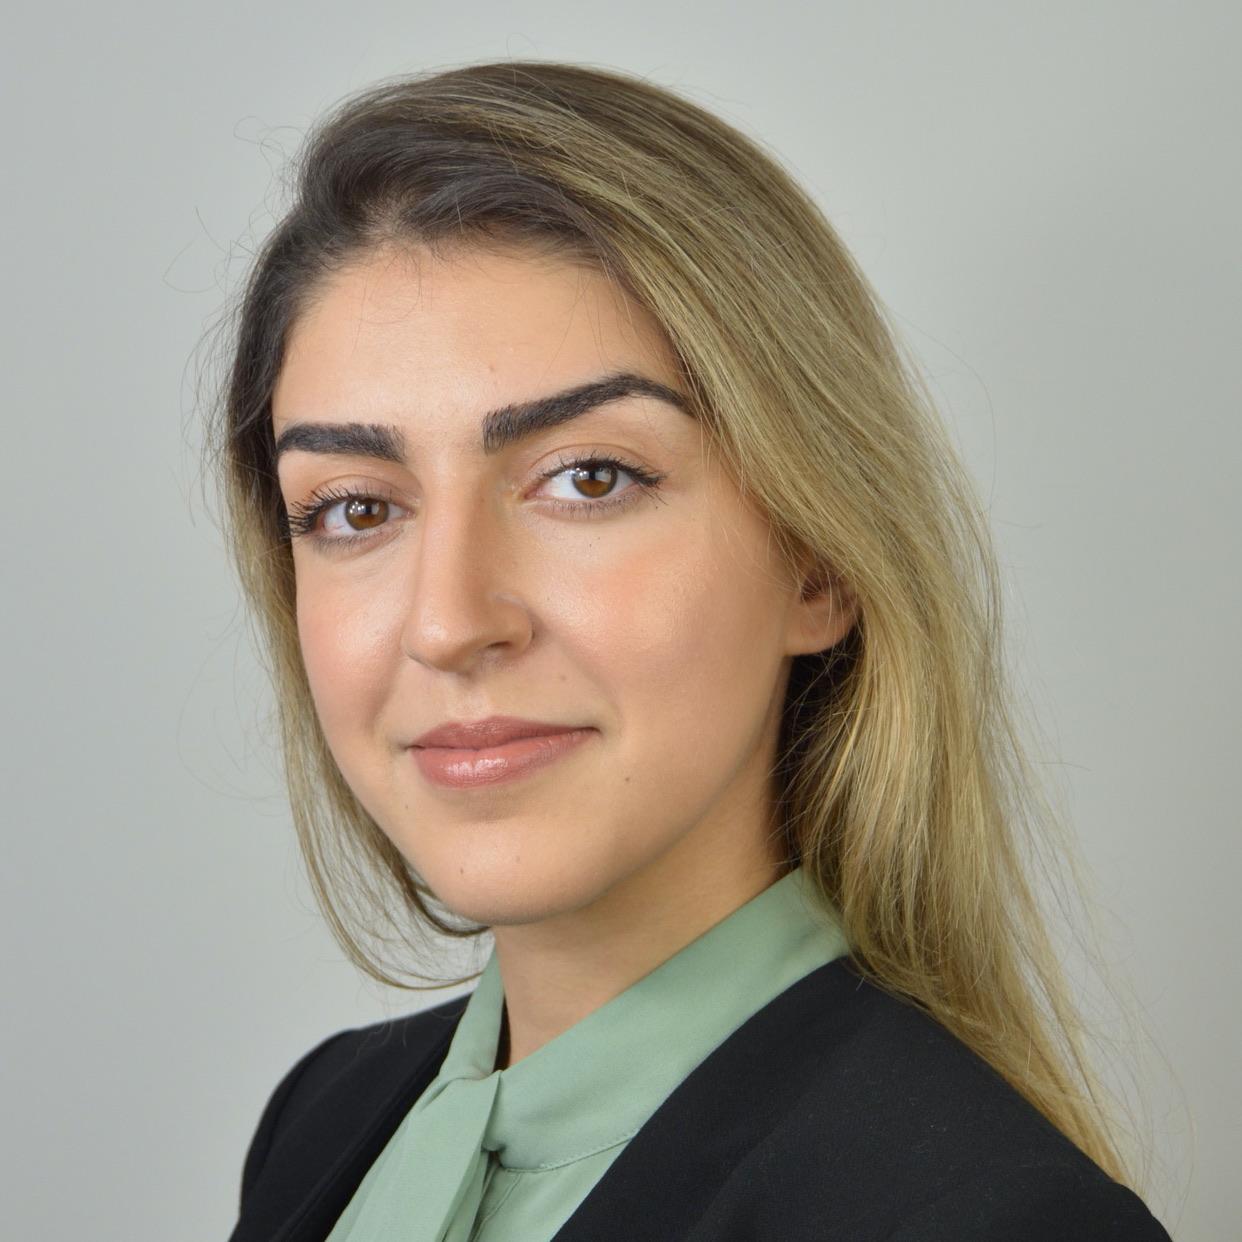 Hasti Namvar